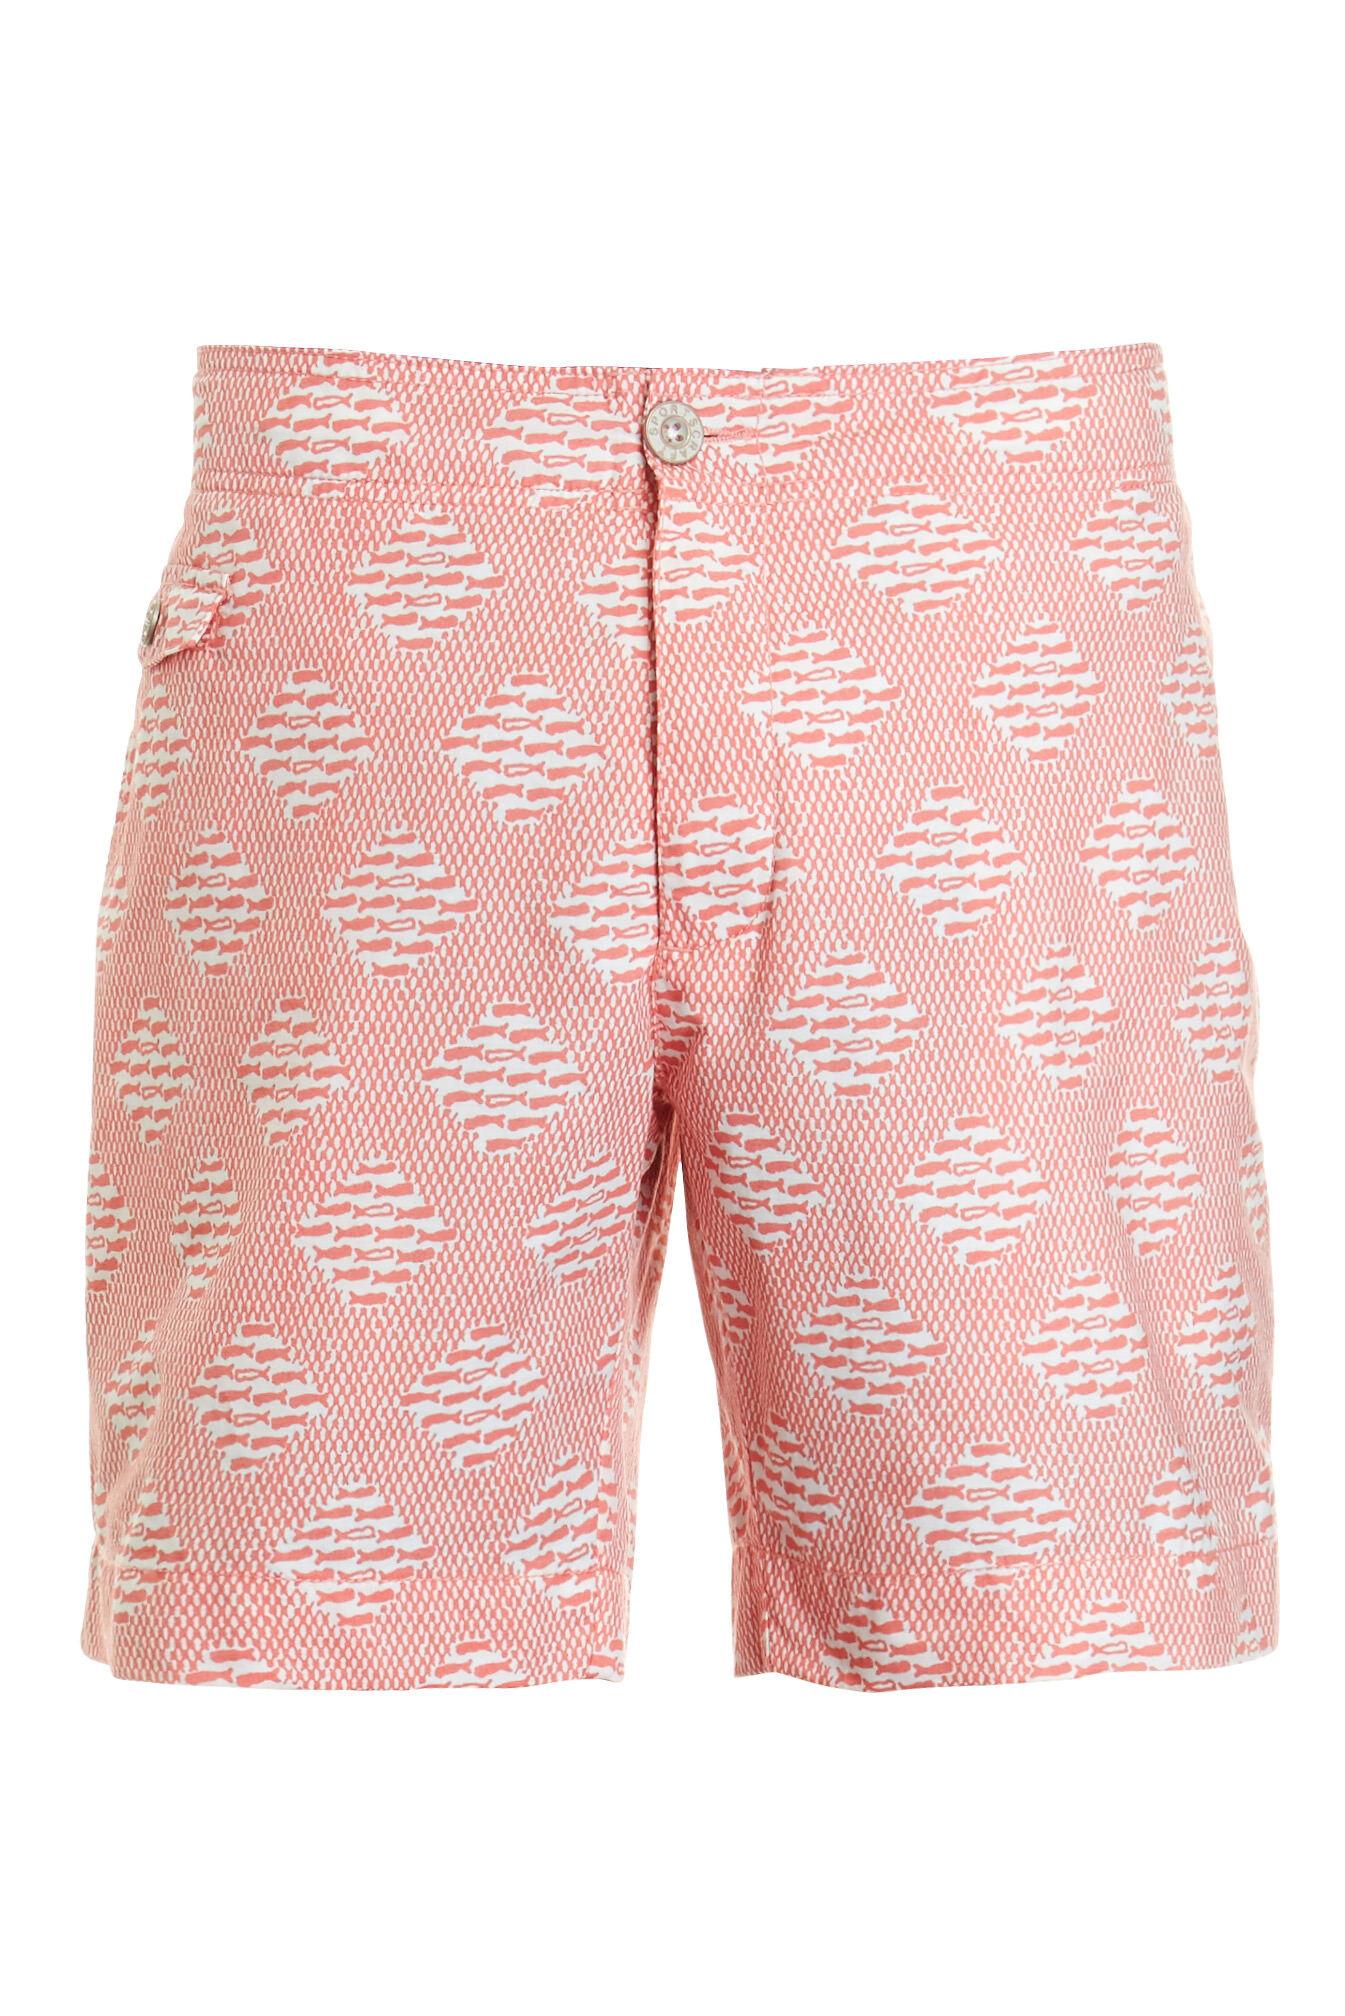 NEW-Sportscraft-MENS-Edward-Swim-Shorts-Shorts